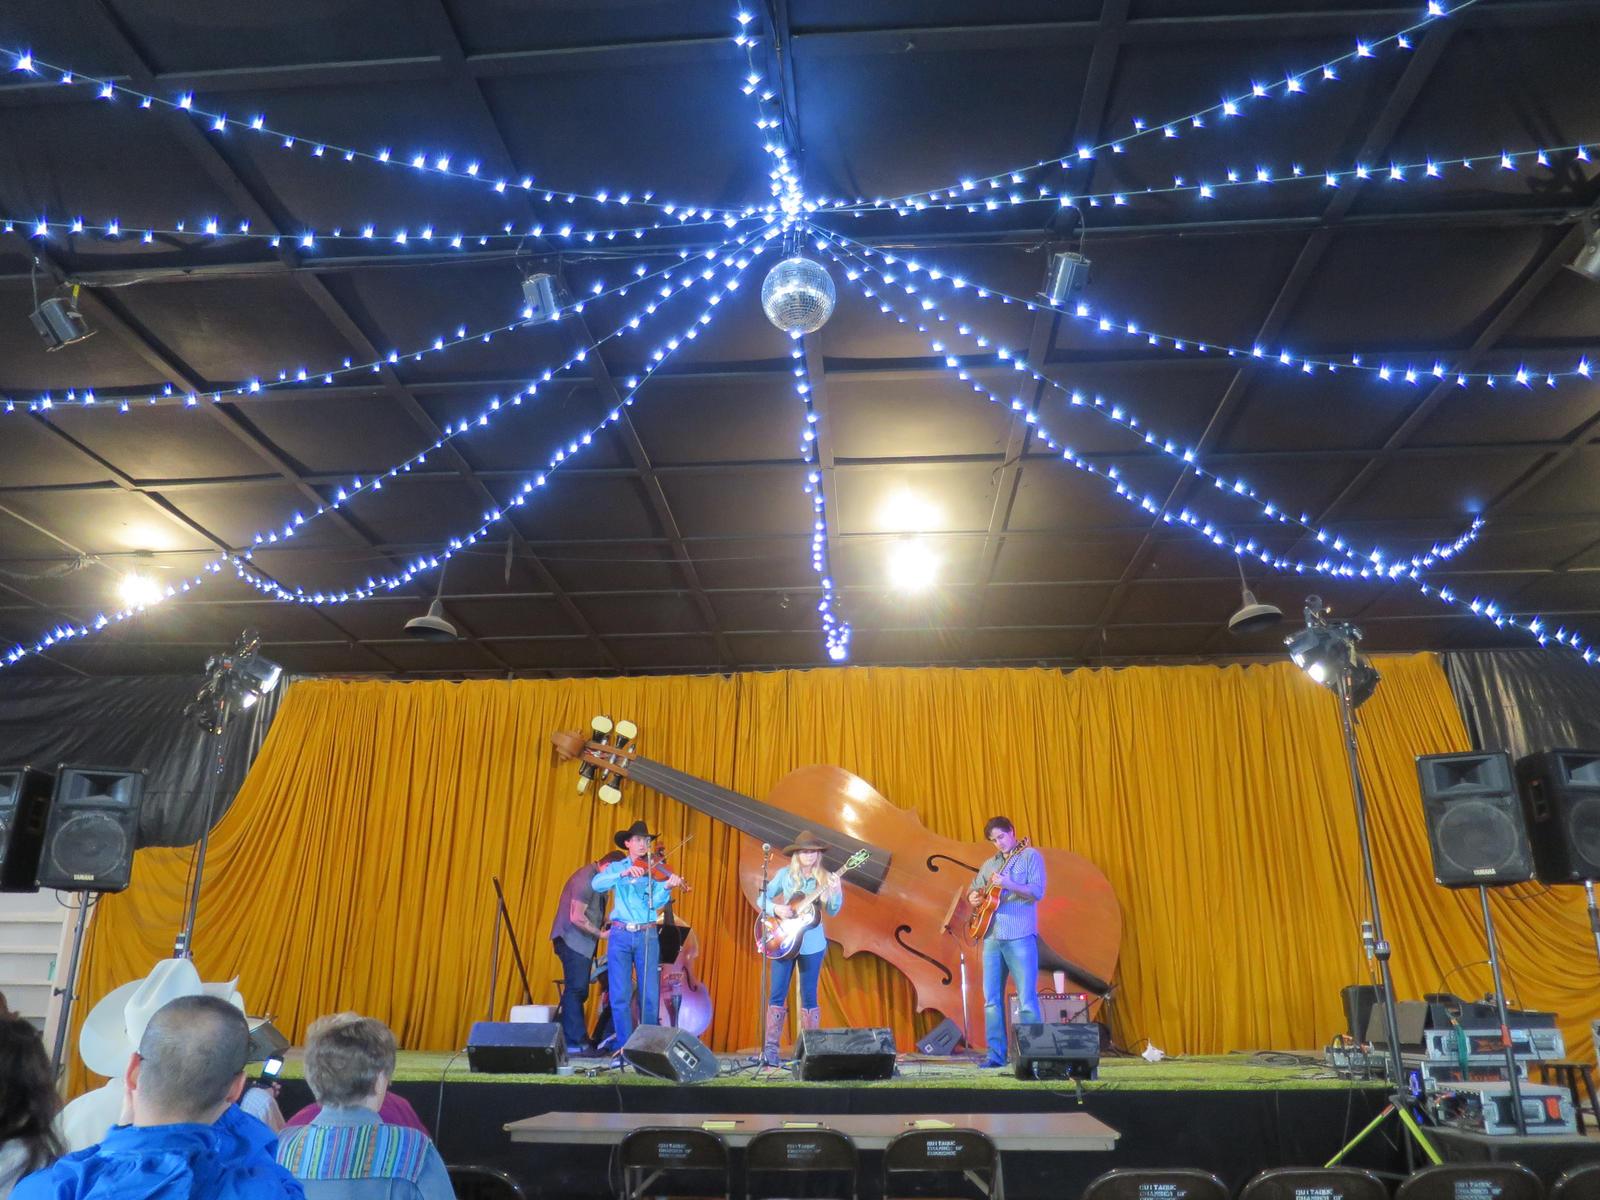 Mikki performing